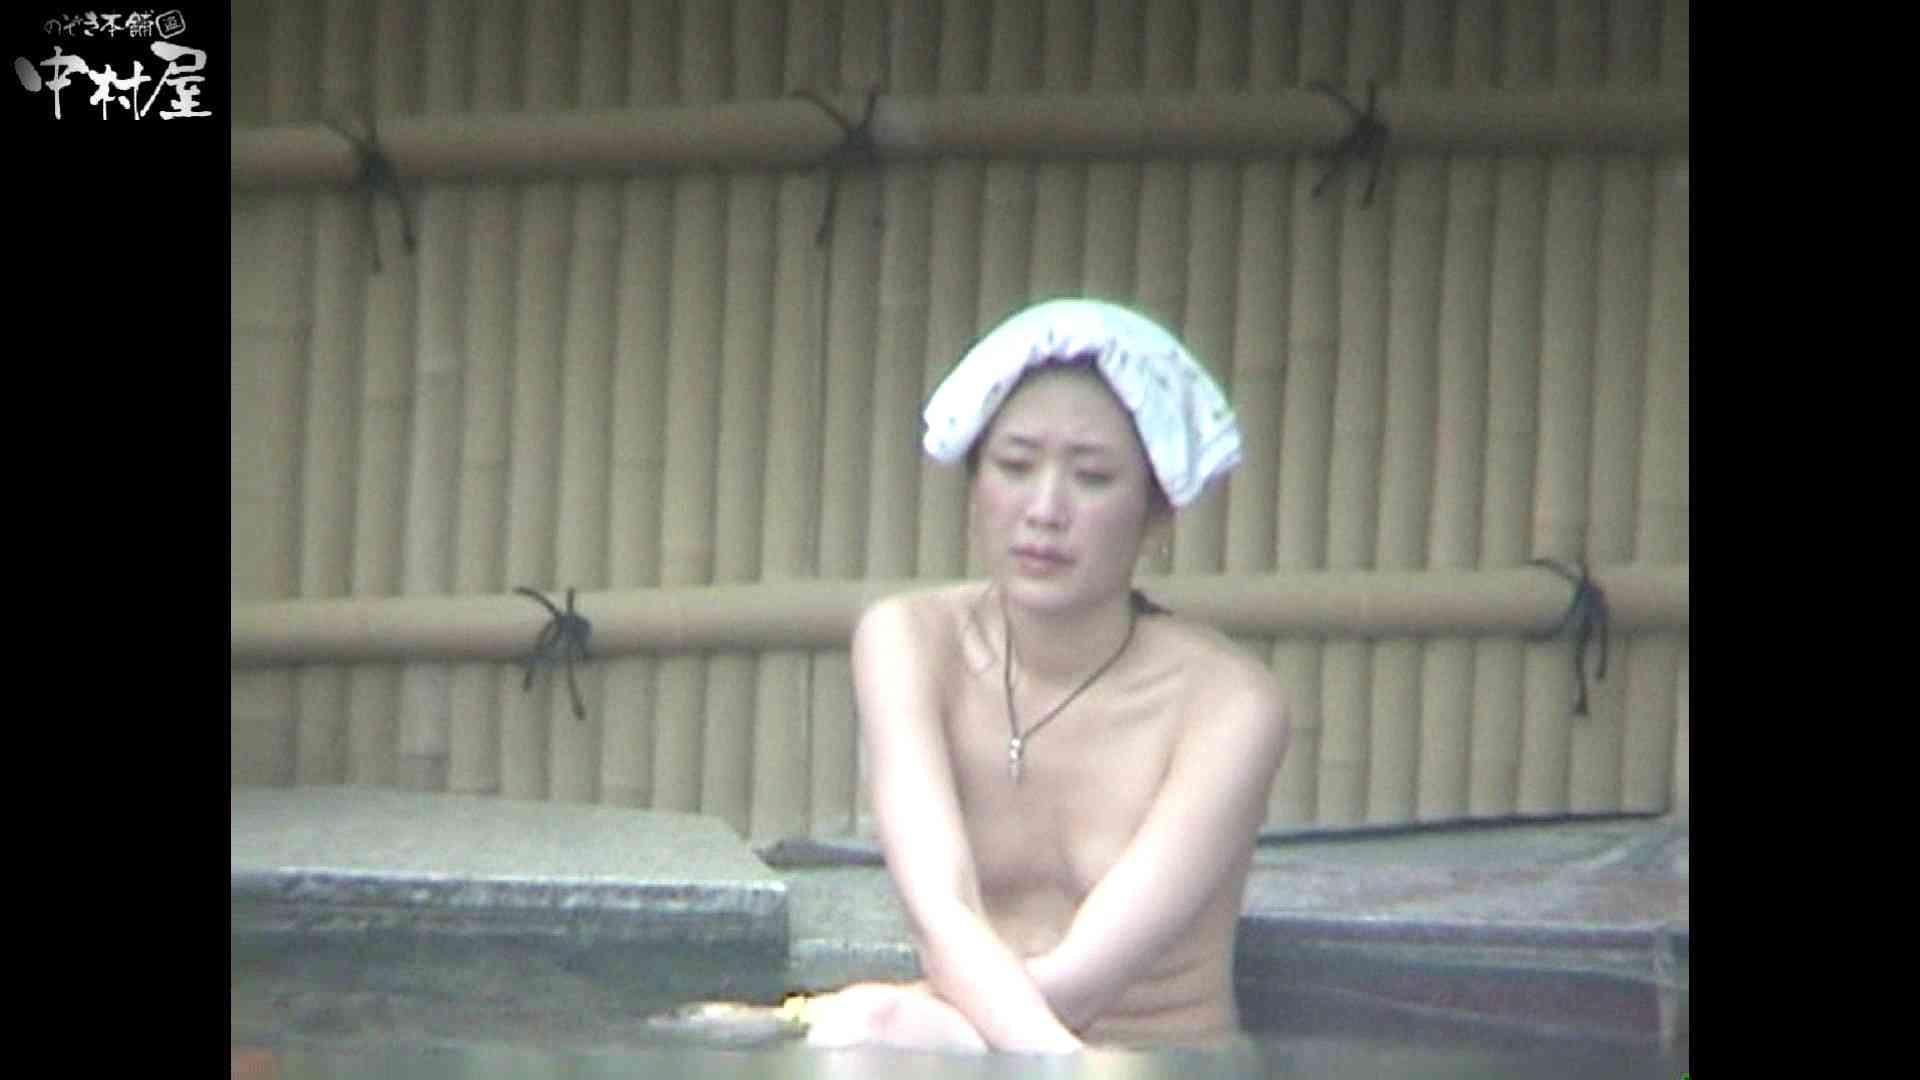 Aquaな露天風呂Vol.934 露天 | 盗撮  79枚 49